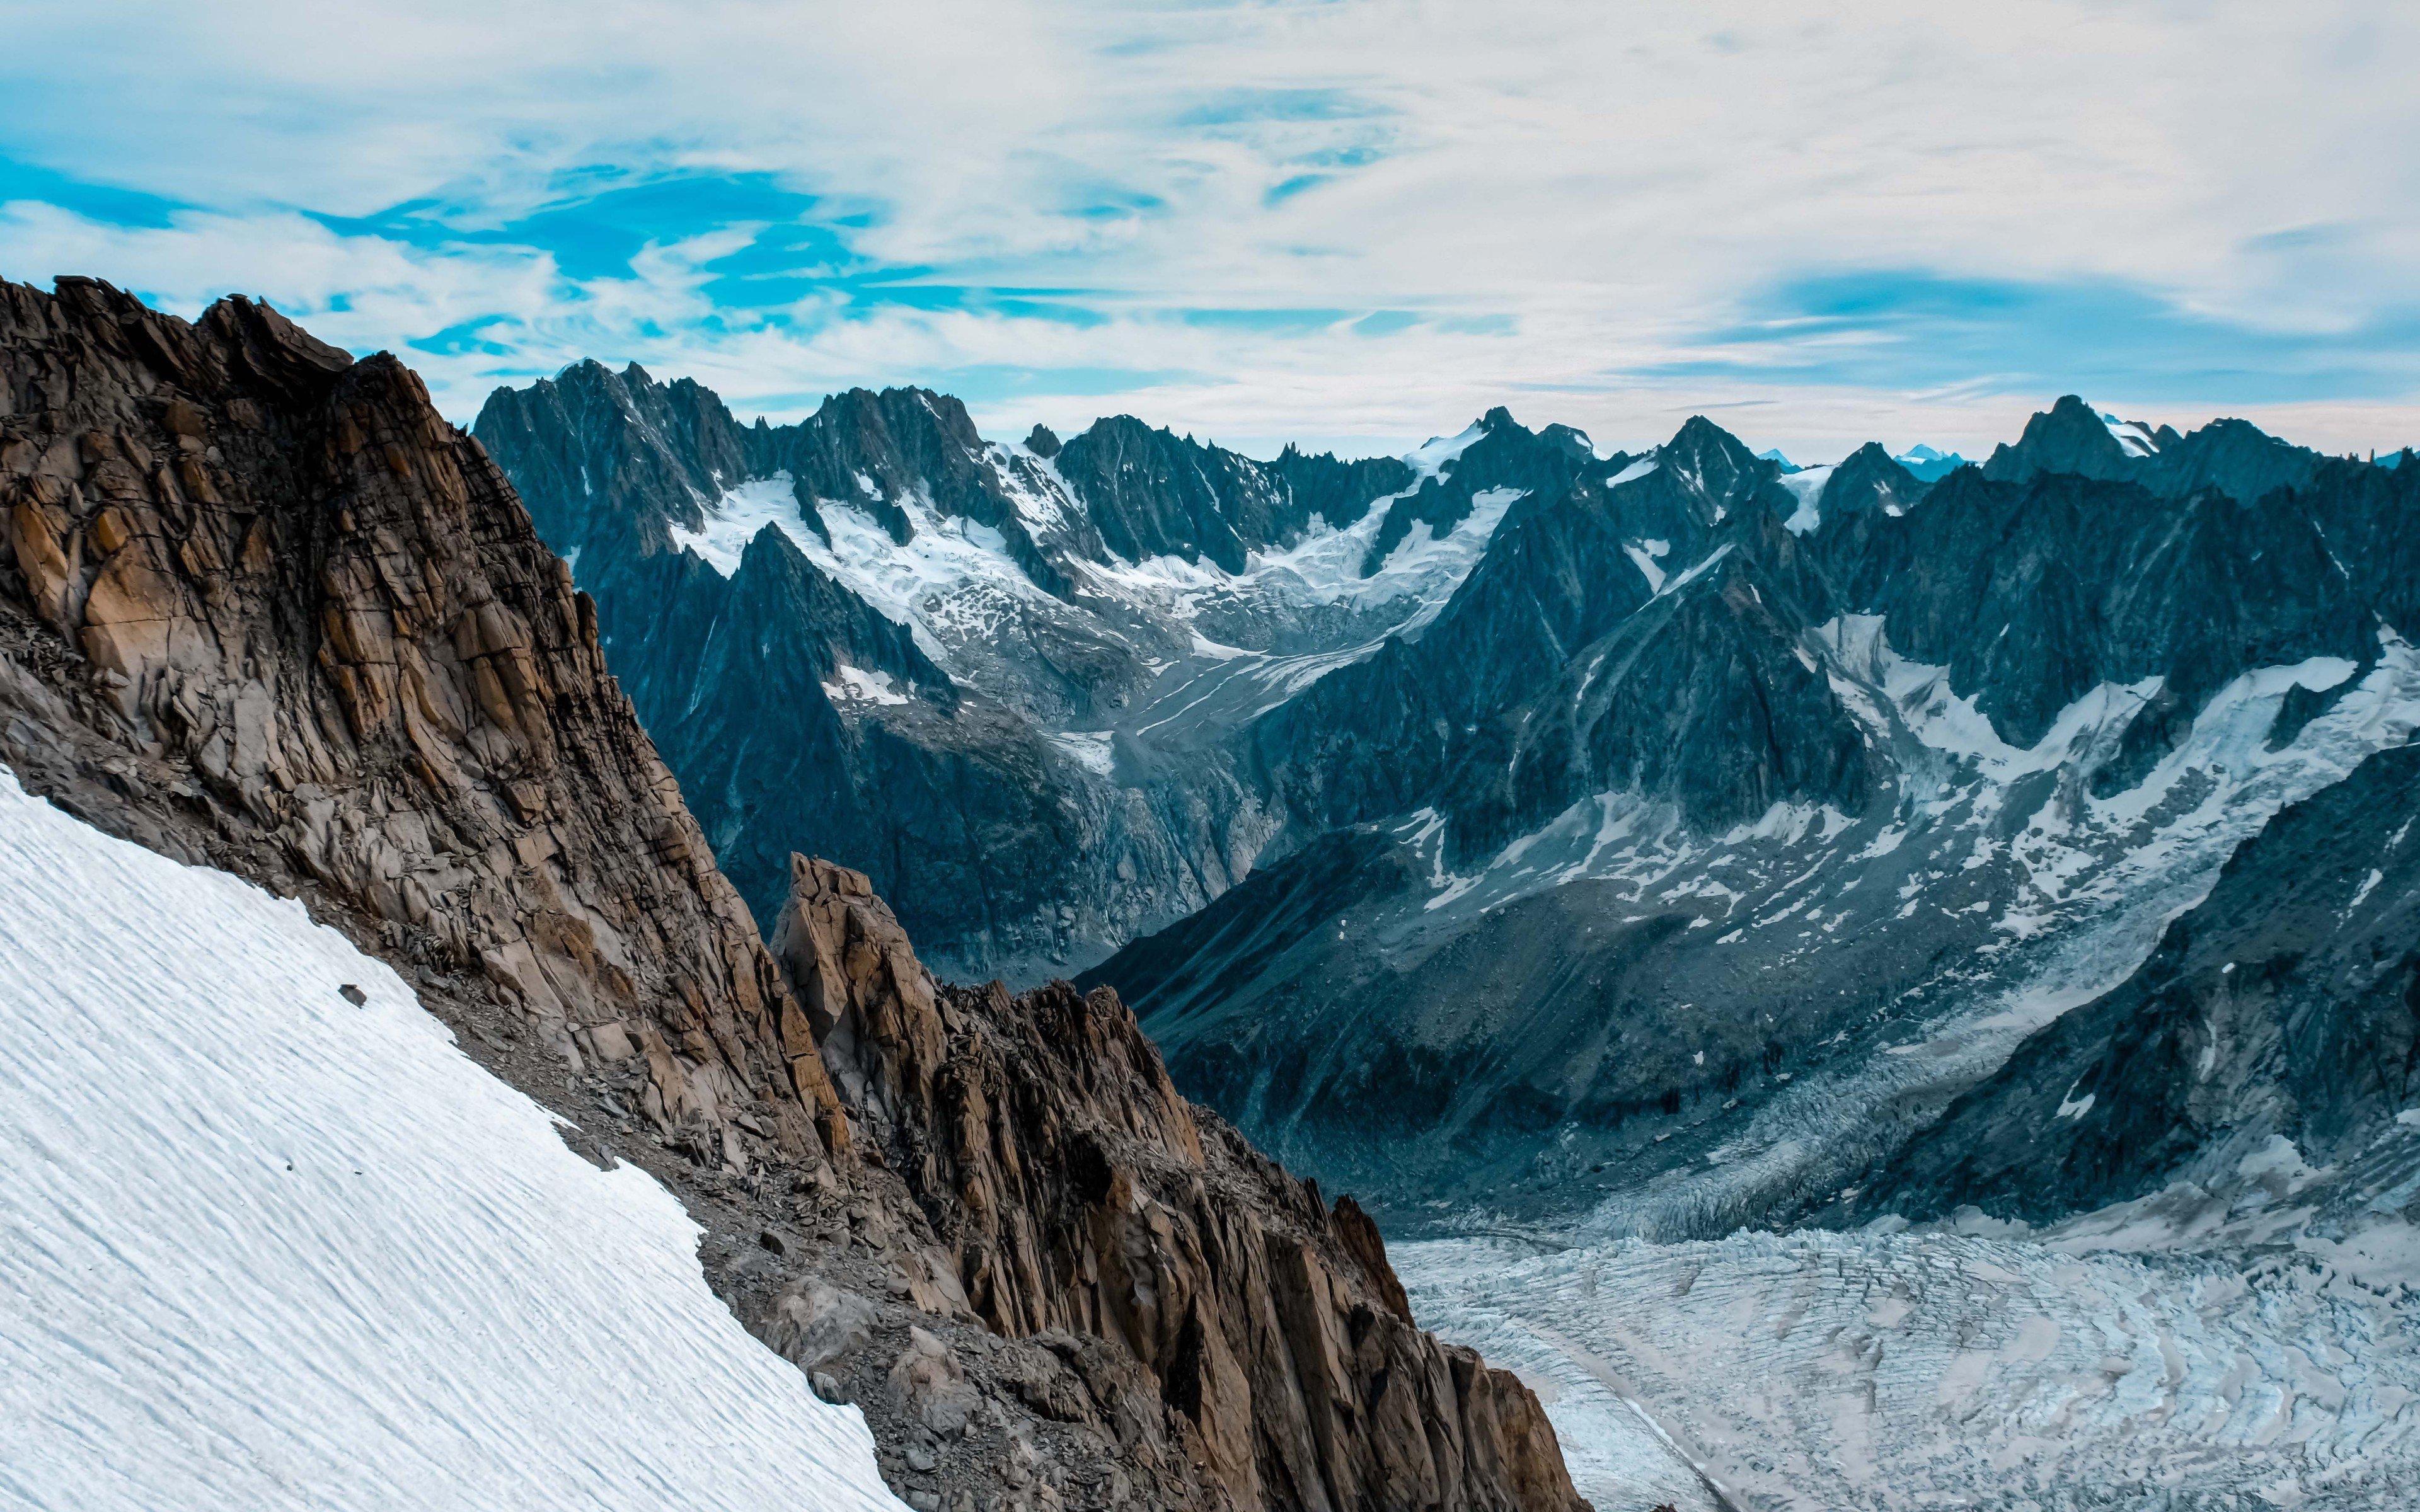 Fondos de pantalla Cima de las montañas cubiertas de nieve